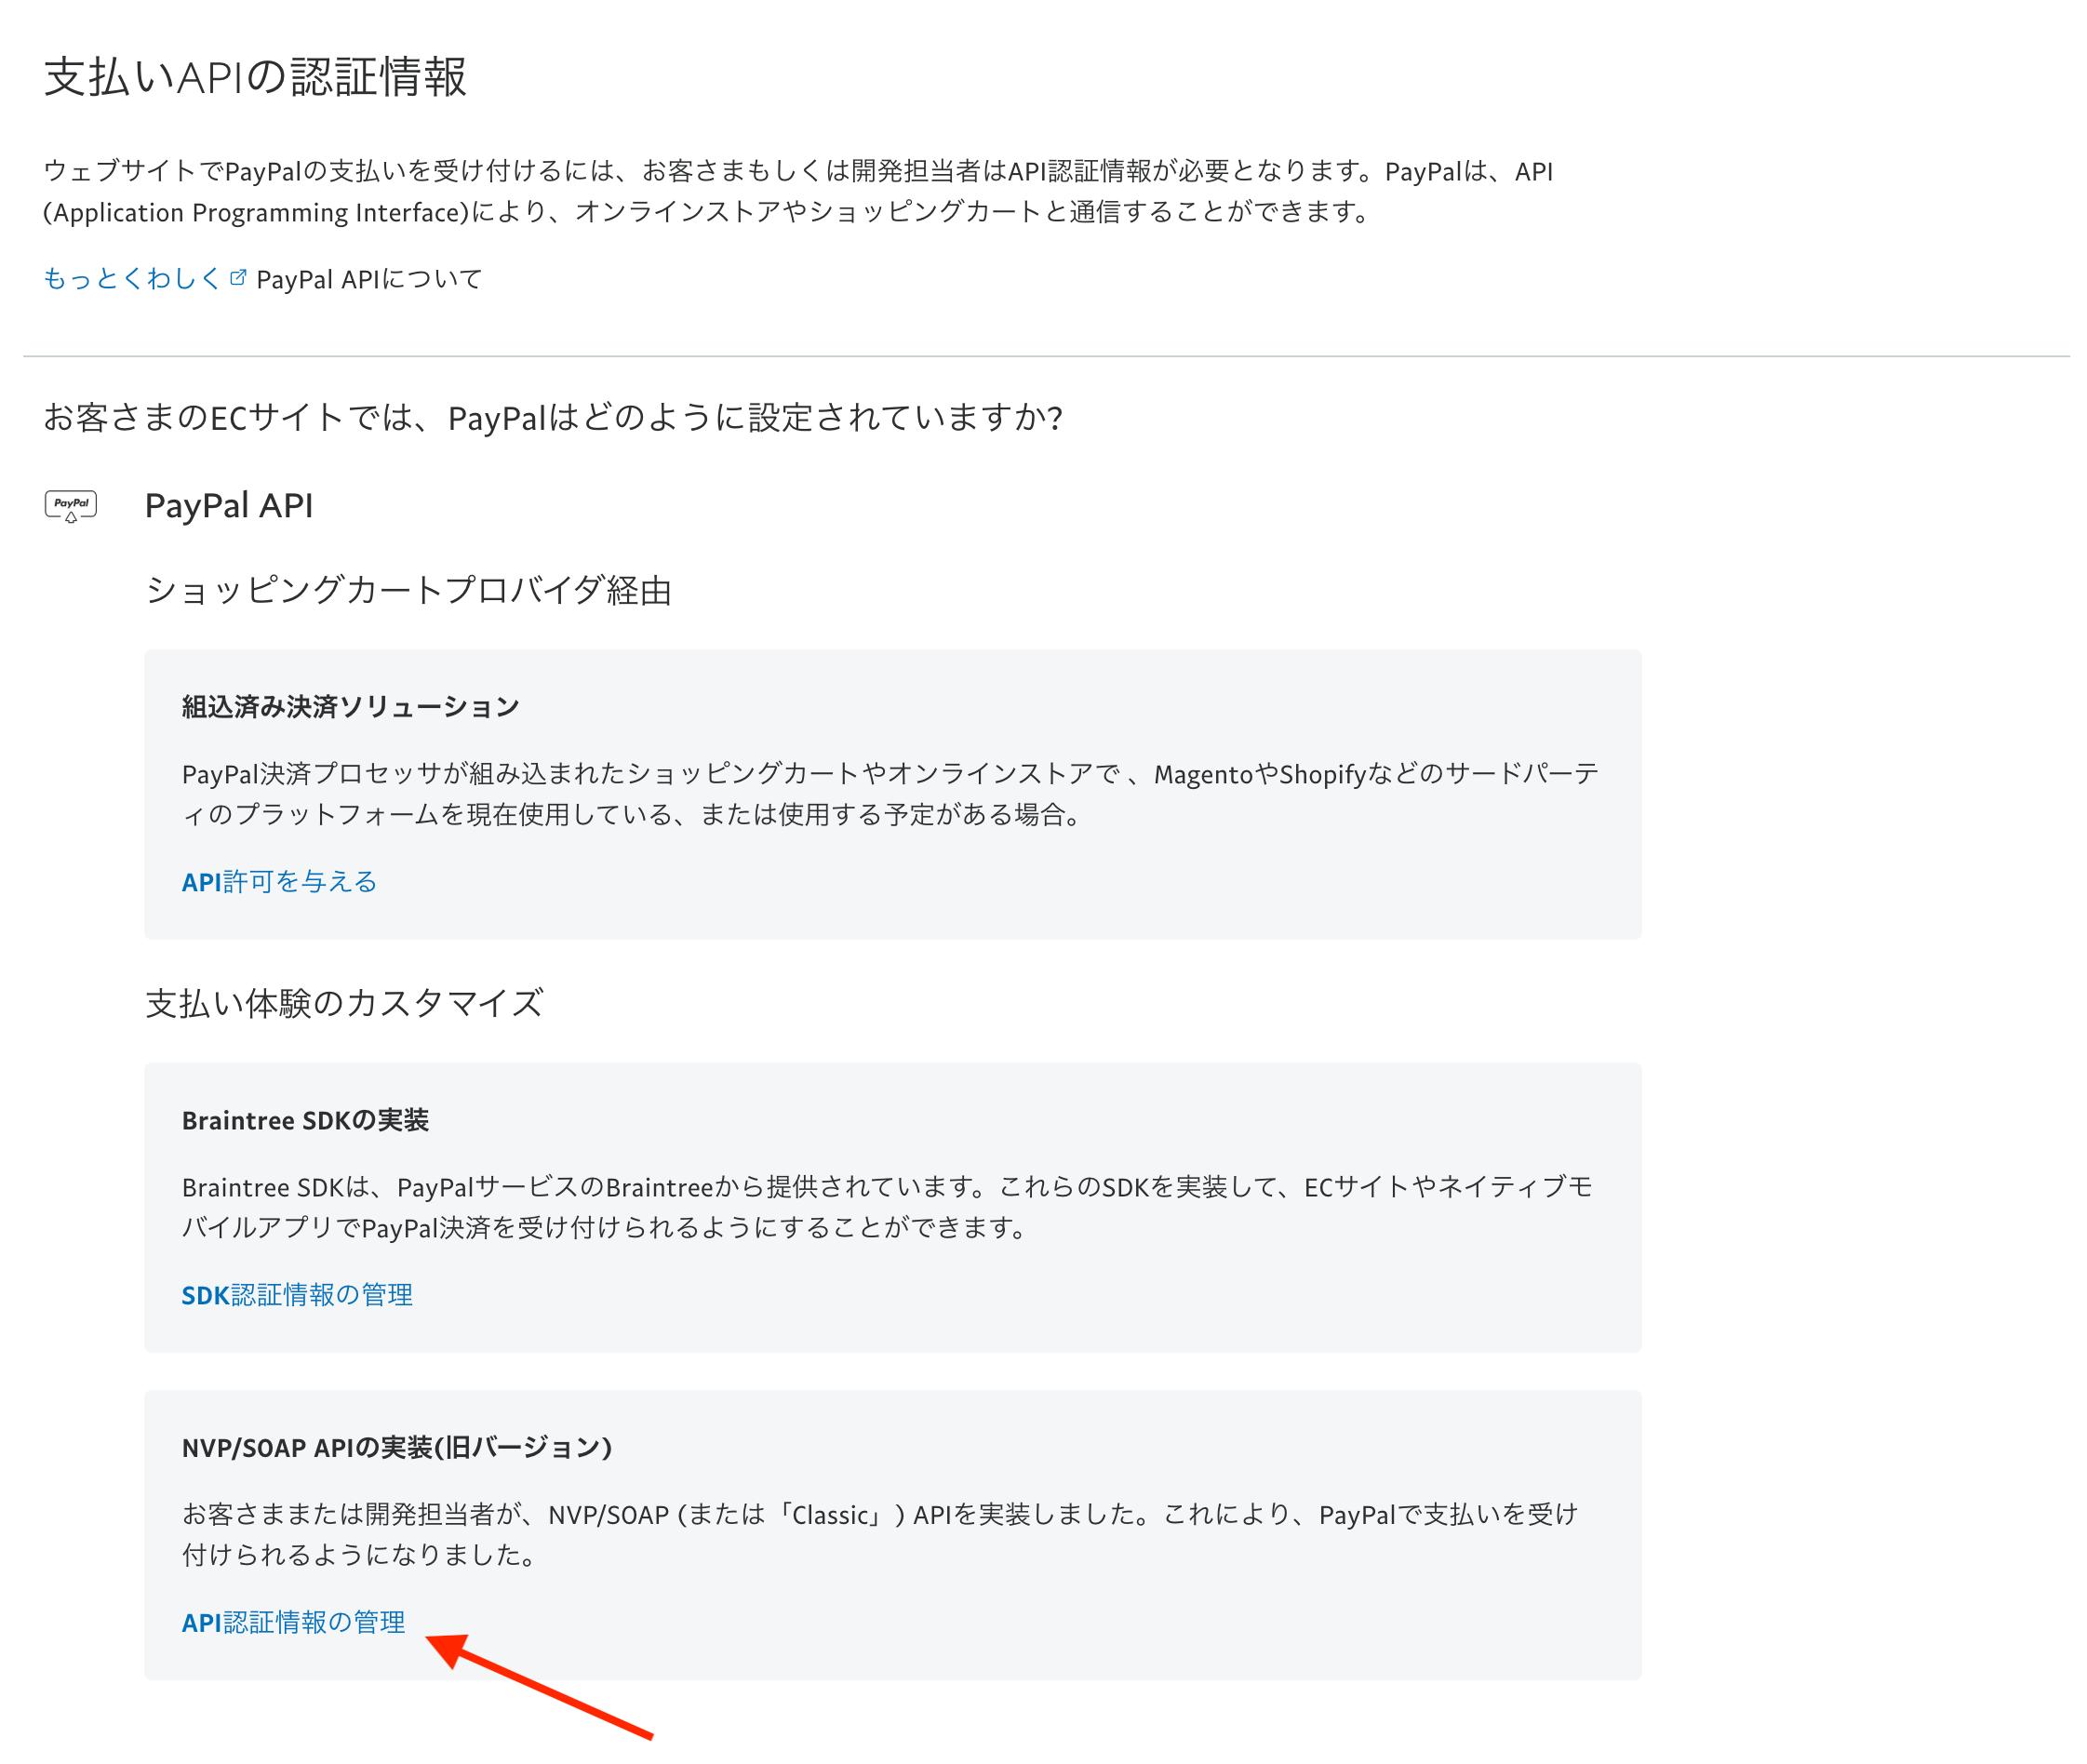 PayPalビジネスアカウント NVPSOAP APIの実装旧バージョン